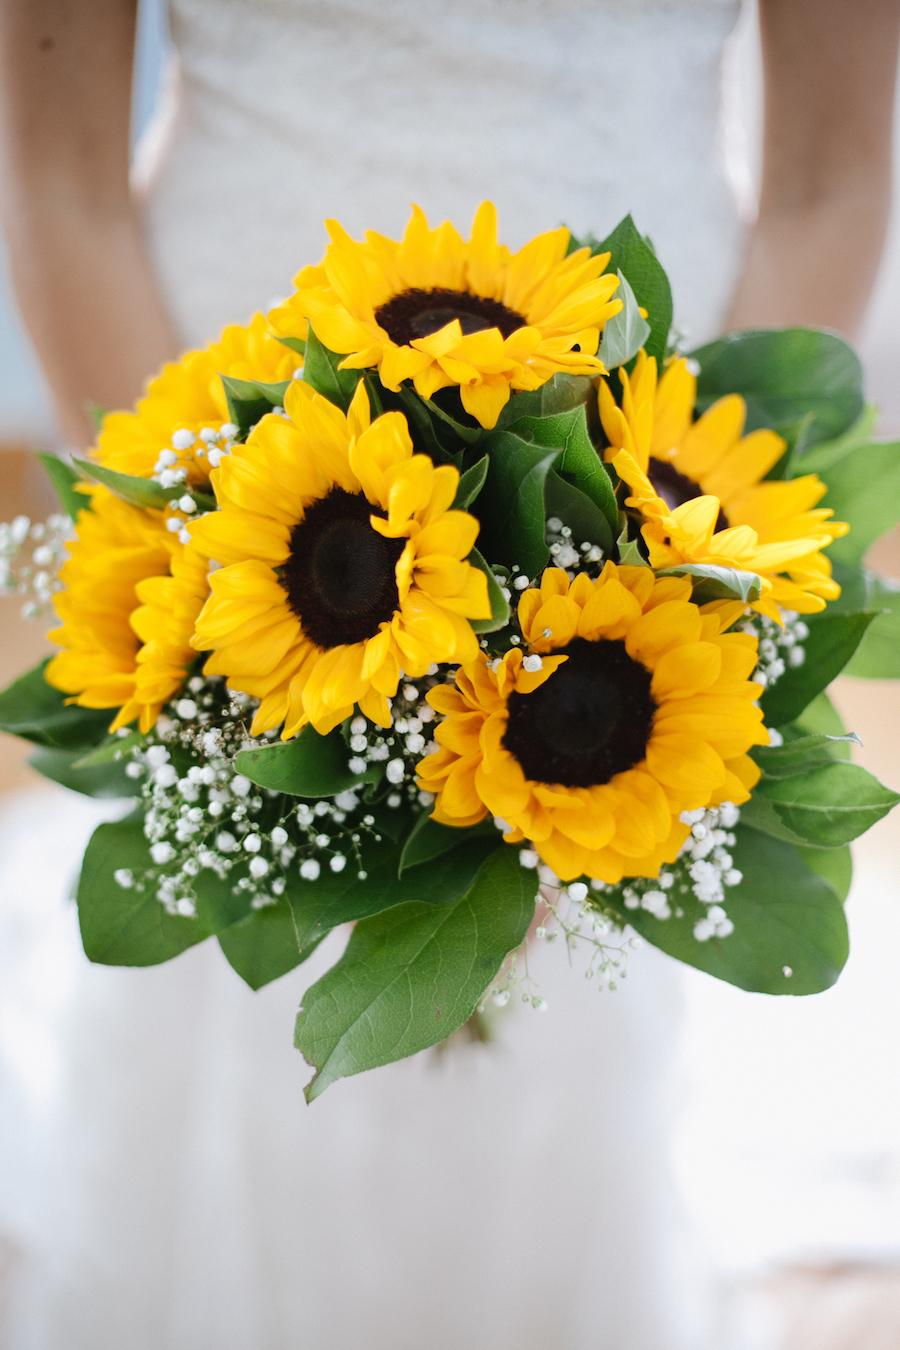 Matrimonio Coi Girasoli : Un giardino di girasoli come addobbo di nozze